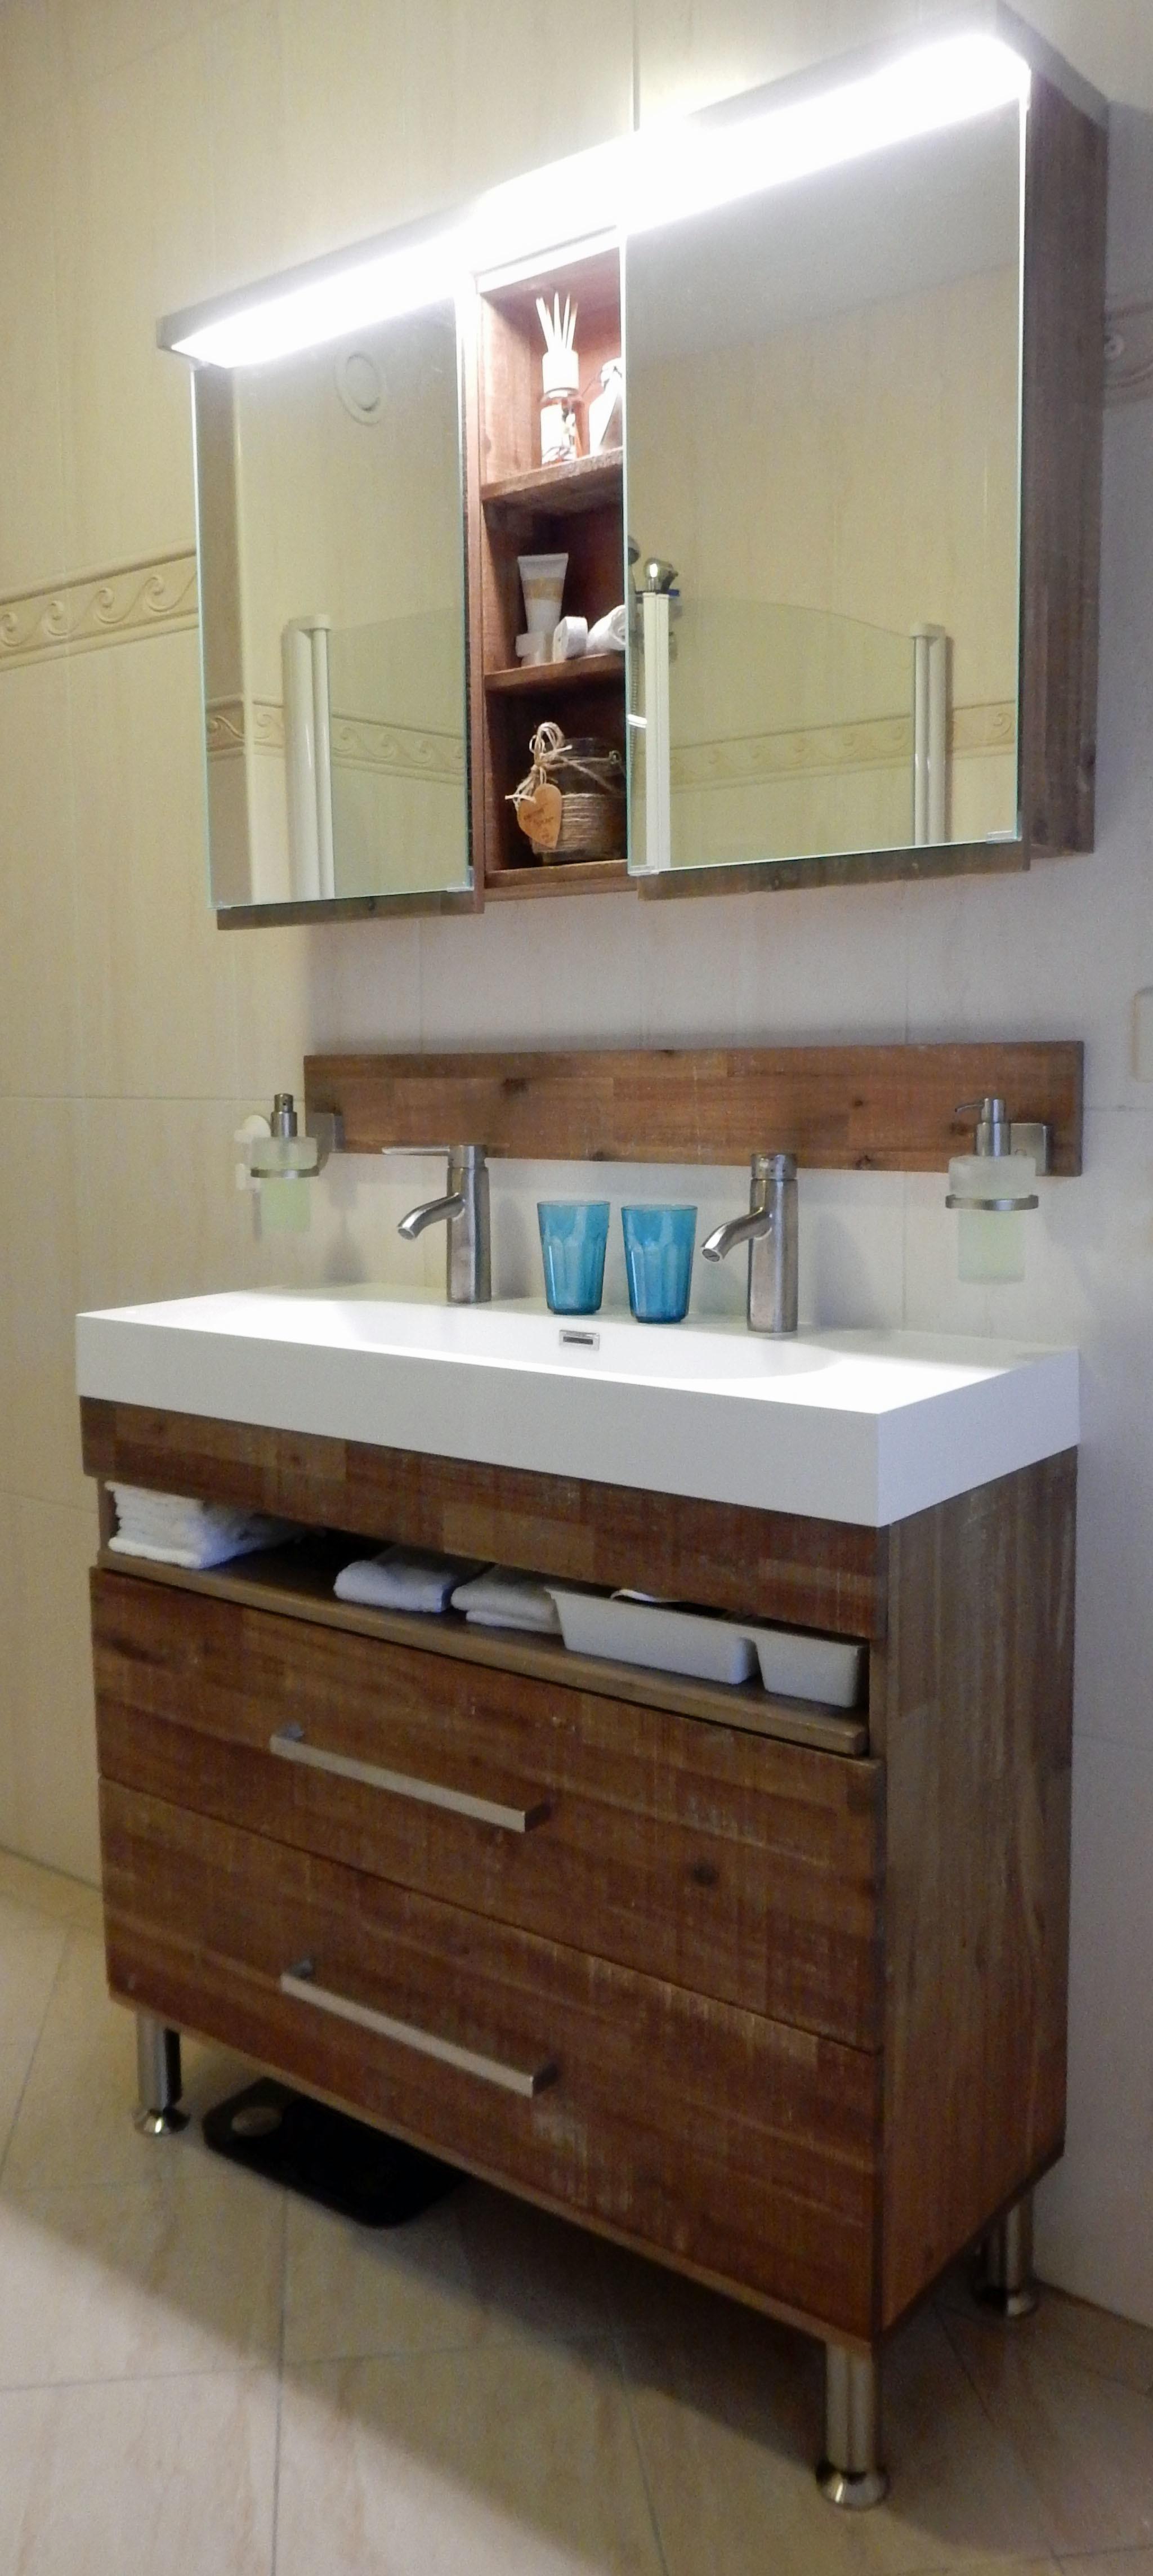 badkamermeubel plaatsen